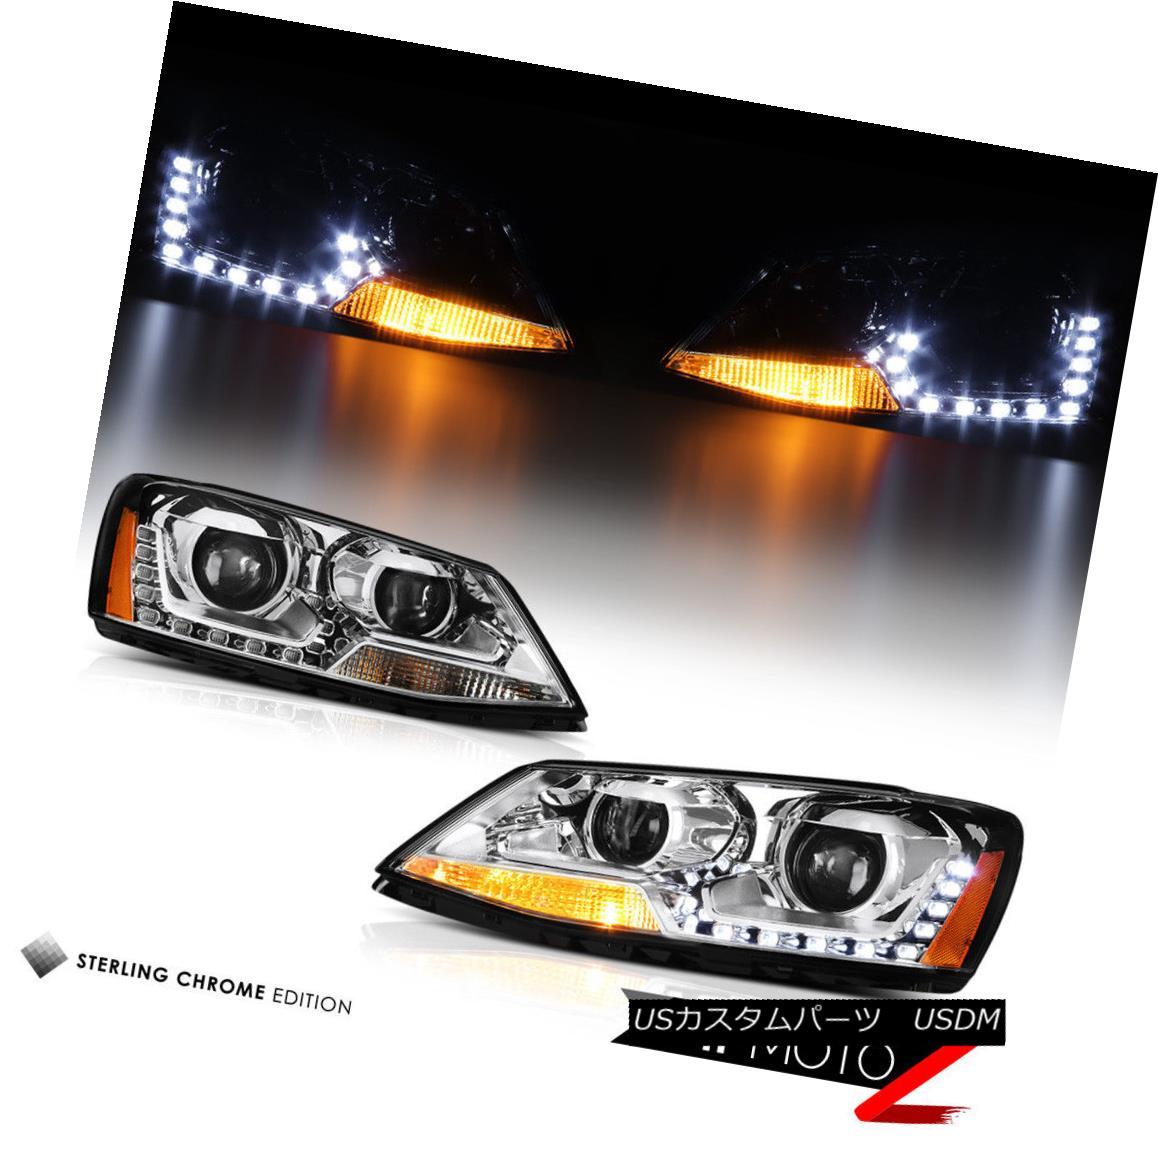 ヘッドライト 2011-2014 Volkswagen Jetta LED DUAL Projector Chrome Housing Headlights Assembly 2011-2014フォルクスワーゲンジェッタLEDデュアルプロジェクタークロームハウジングヘッドライトアセンブリ